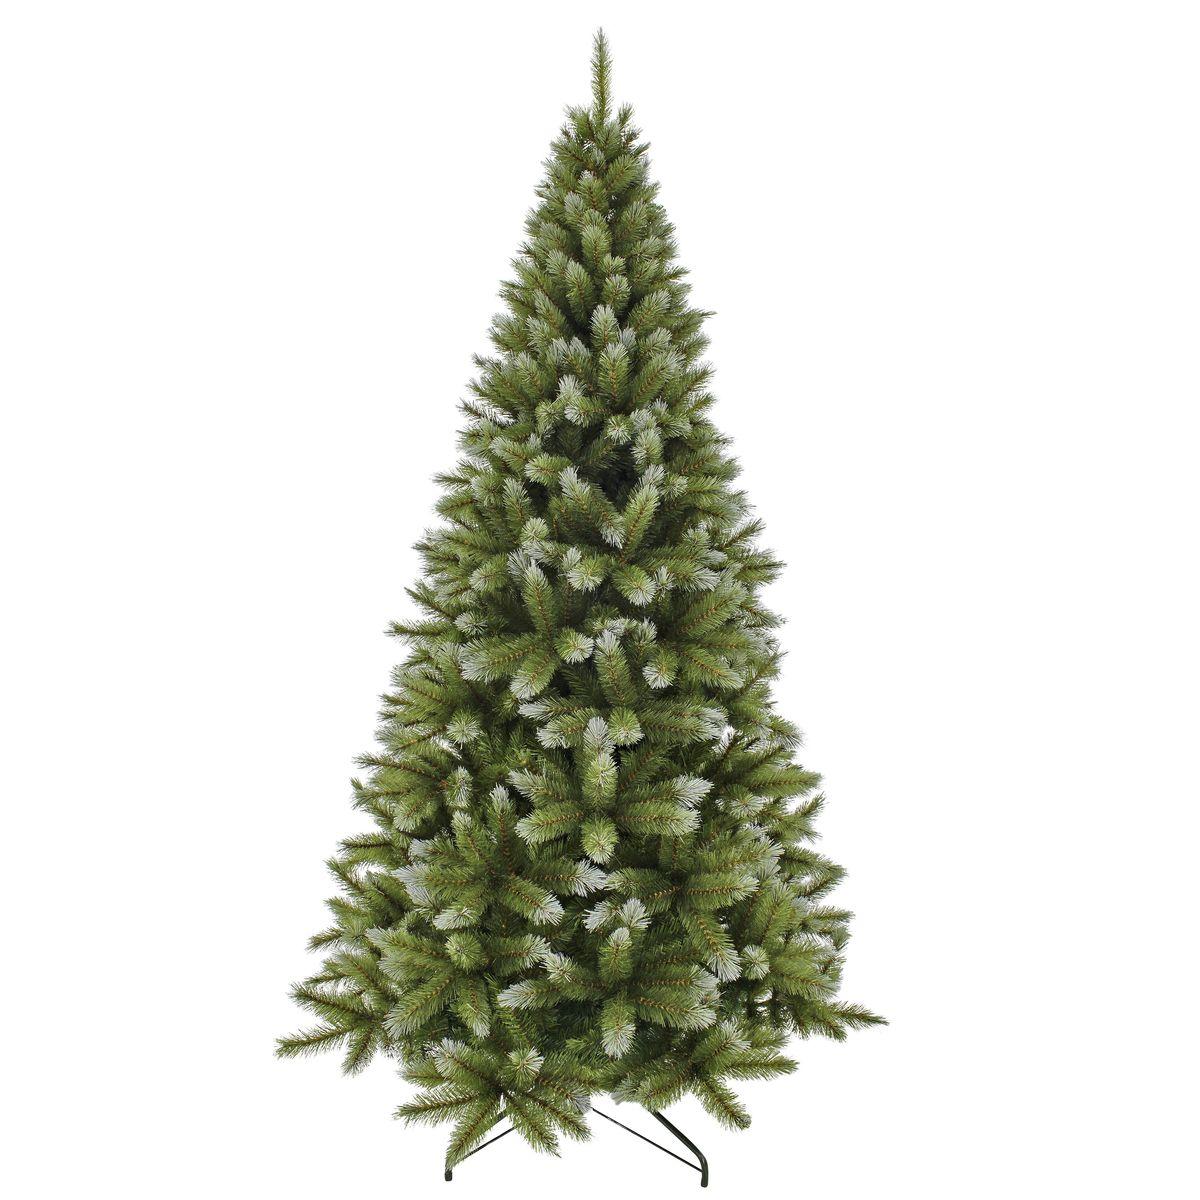 Ель искусственная Triumph Tree Женева, цвет: зеленый, высота 120 см379734Искусственная ель Triumph Tree Женева, выполненная из ПВХ, станет прекрасным вариантом для оформления вашего интерьера к Новому году. Такая ель абсолютно безопасна для самых непоседливых малышей, удобна в сборке и не занимает много места при хранении. Она быстро и легко устанавливается и имеет естественный и абсолютно натуральный вид. Еловые иголочки не осыпаются, не мнутся и не выцветают со временем. Полимерные материалы, из которых они изготовлены, не токсичны и не поддаются горению. Ель Triumph Tree «Женева» обязательно создаст настроение волшебства и уюта, а так же станет прекрасным украшением дома на период новогодних праздников.Высота: 120 см.